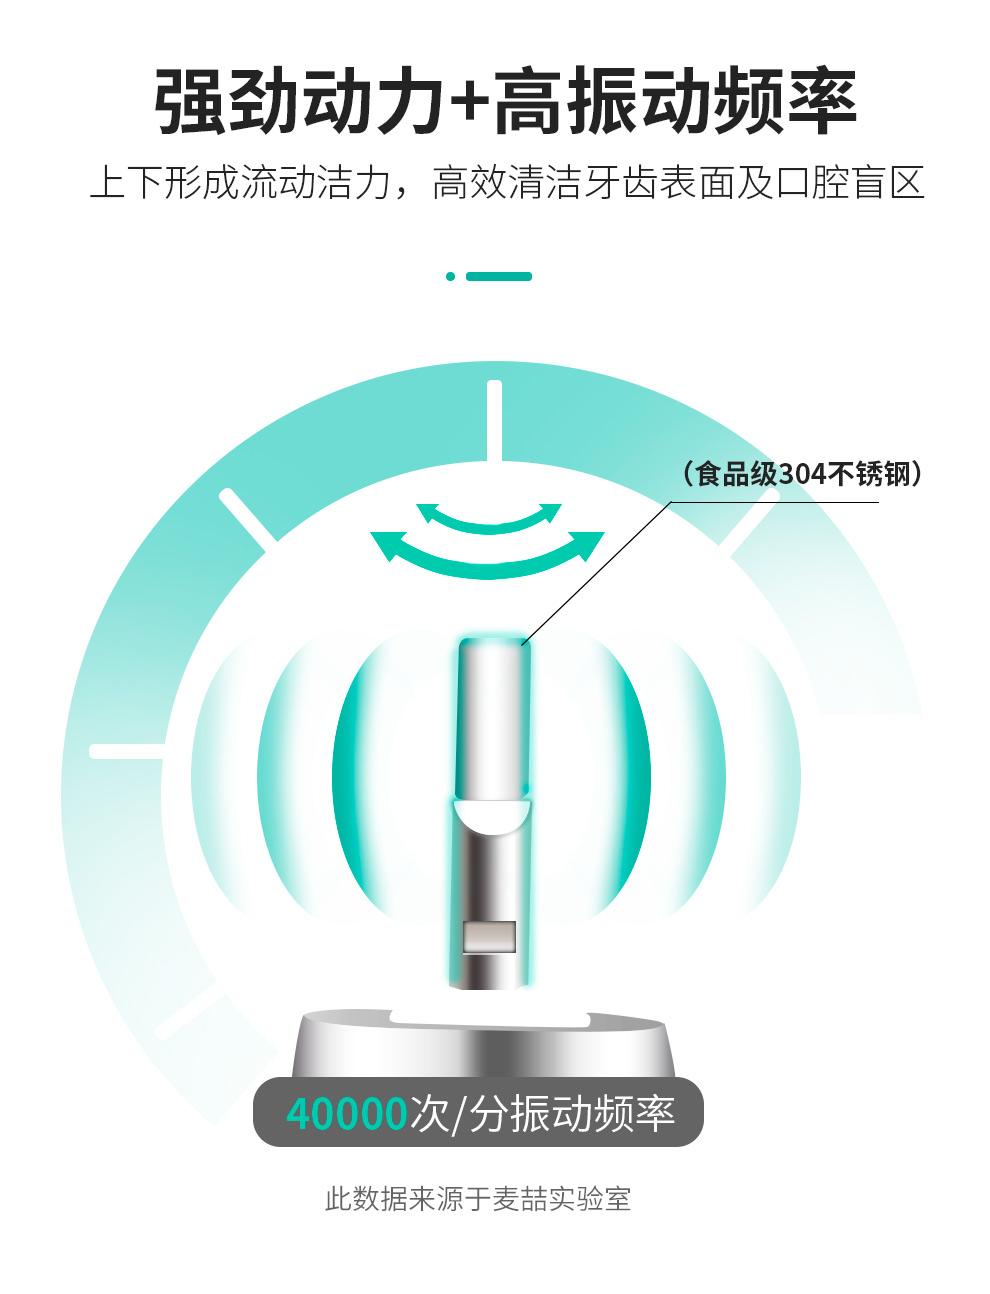 麦喆MAYZE EB001智能声波电动牙刷套装含6个刷头(图4)